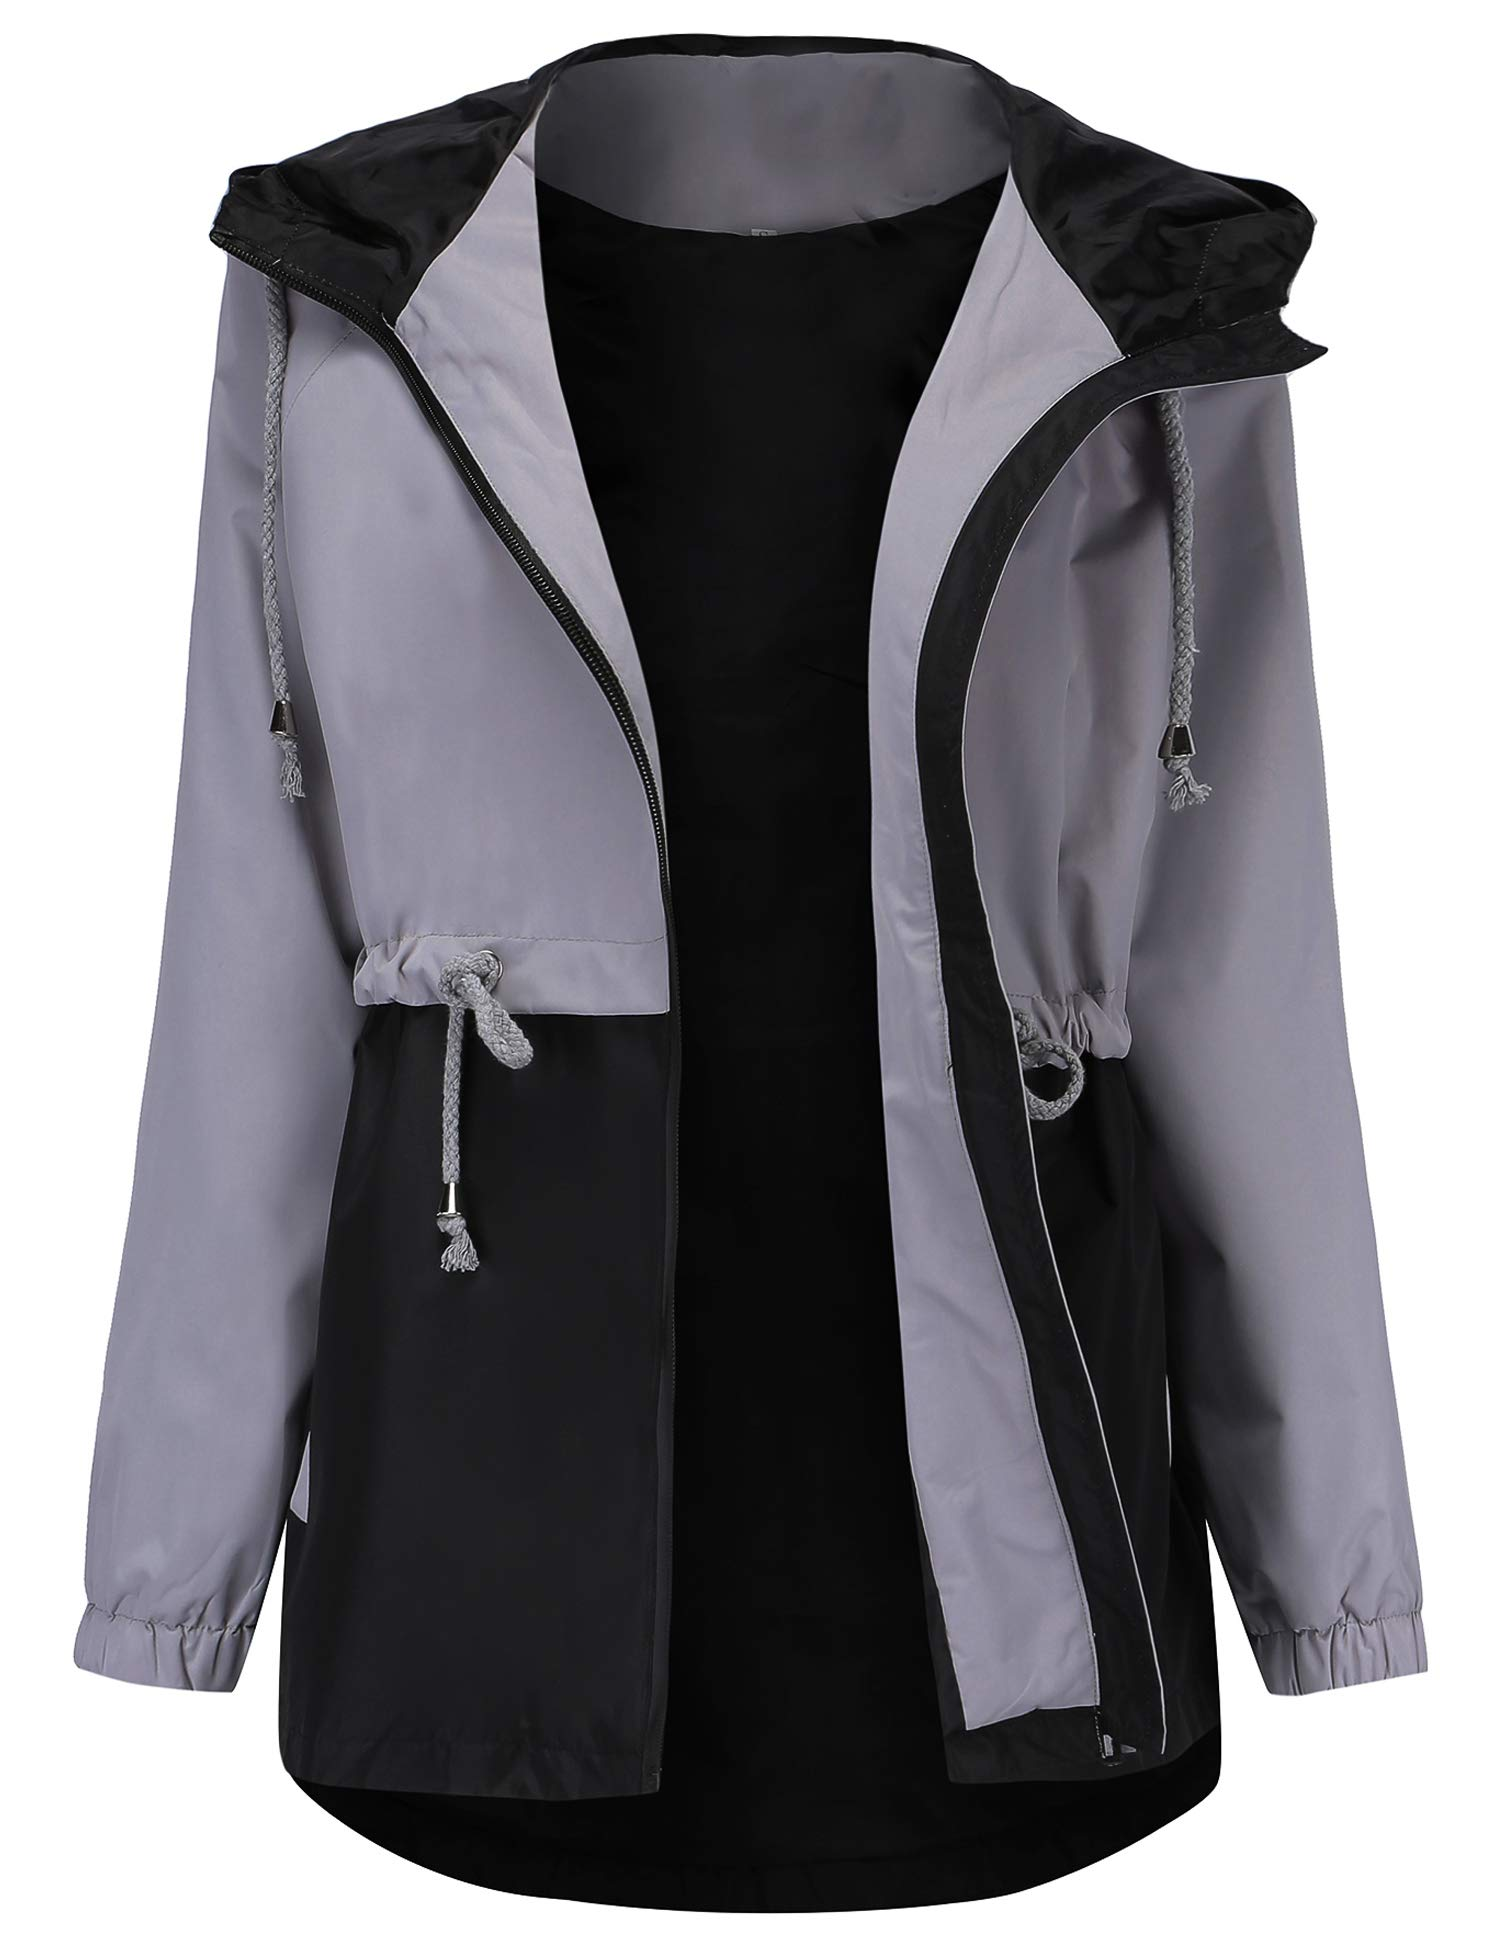 Women's Warm Windbreaker Waterproof Rain Jackets Versatile Anorak Jackets Mountain Ski Coat Grey M by Romanstii